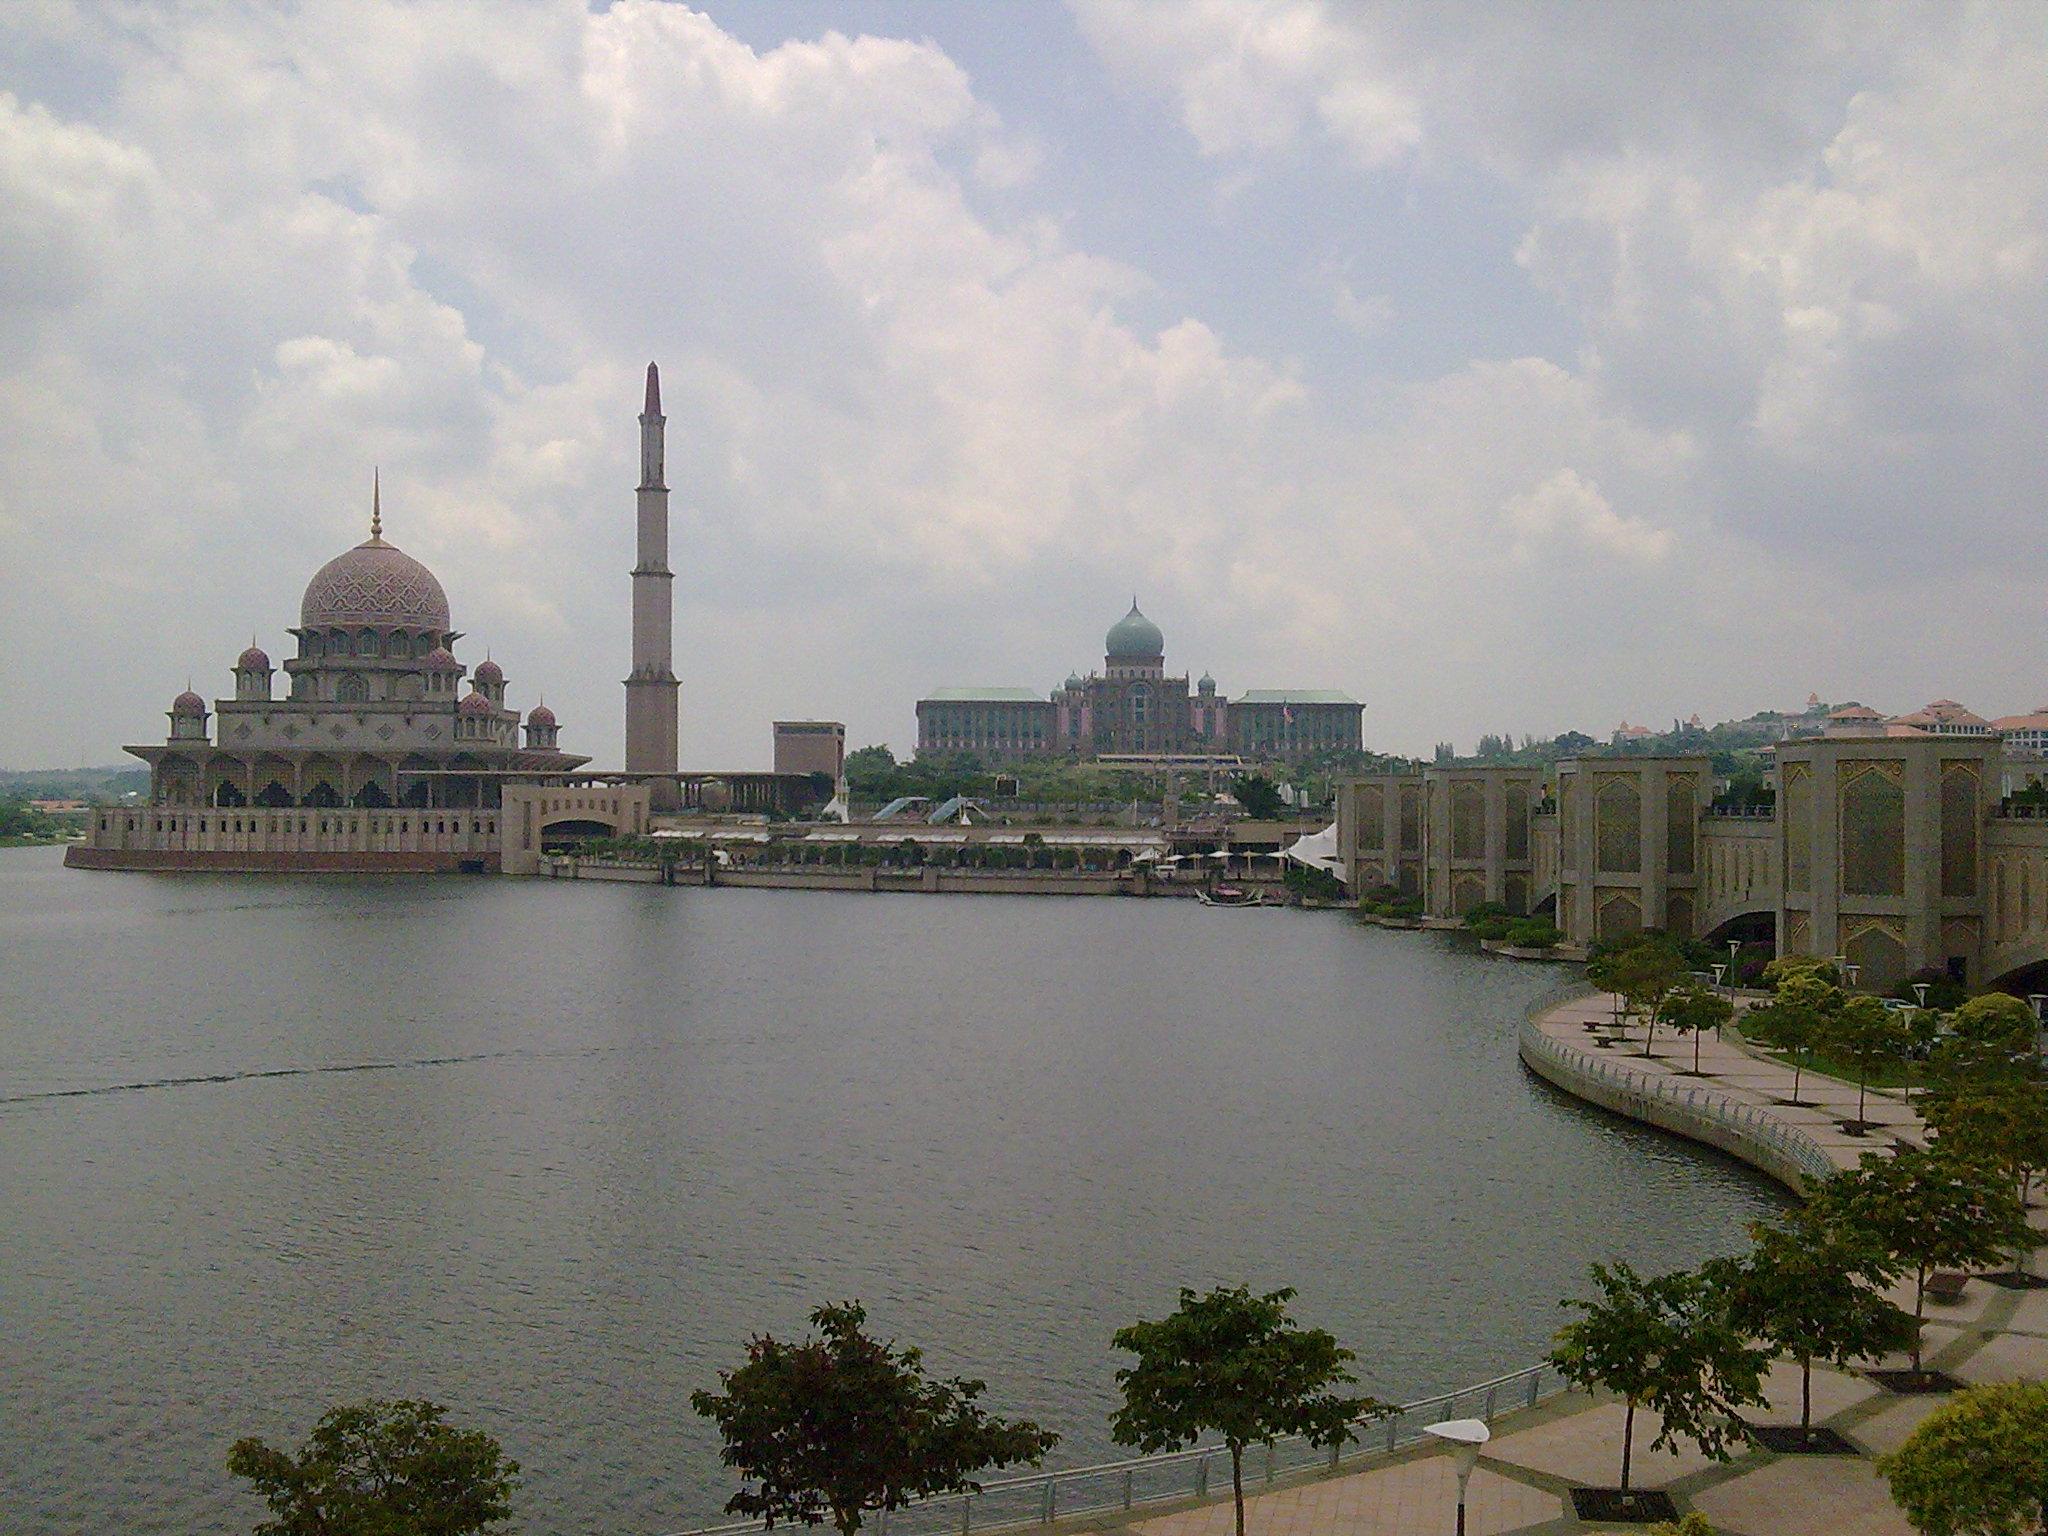 Masjid_Putrajaya Faszinierend Leiste Für Led Stripes Dekorationen